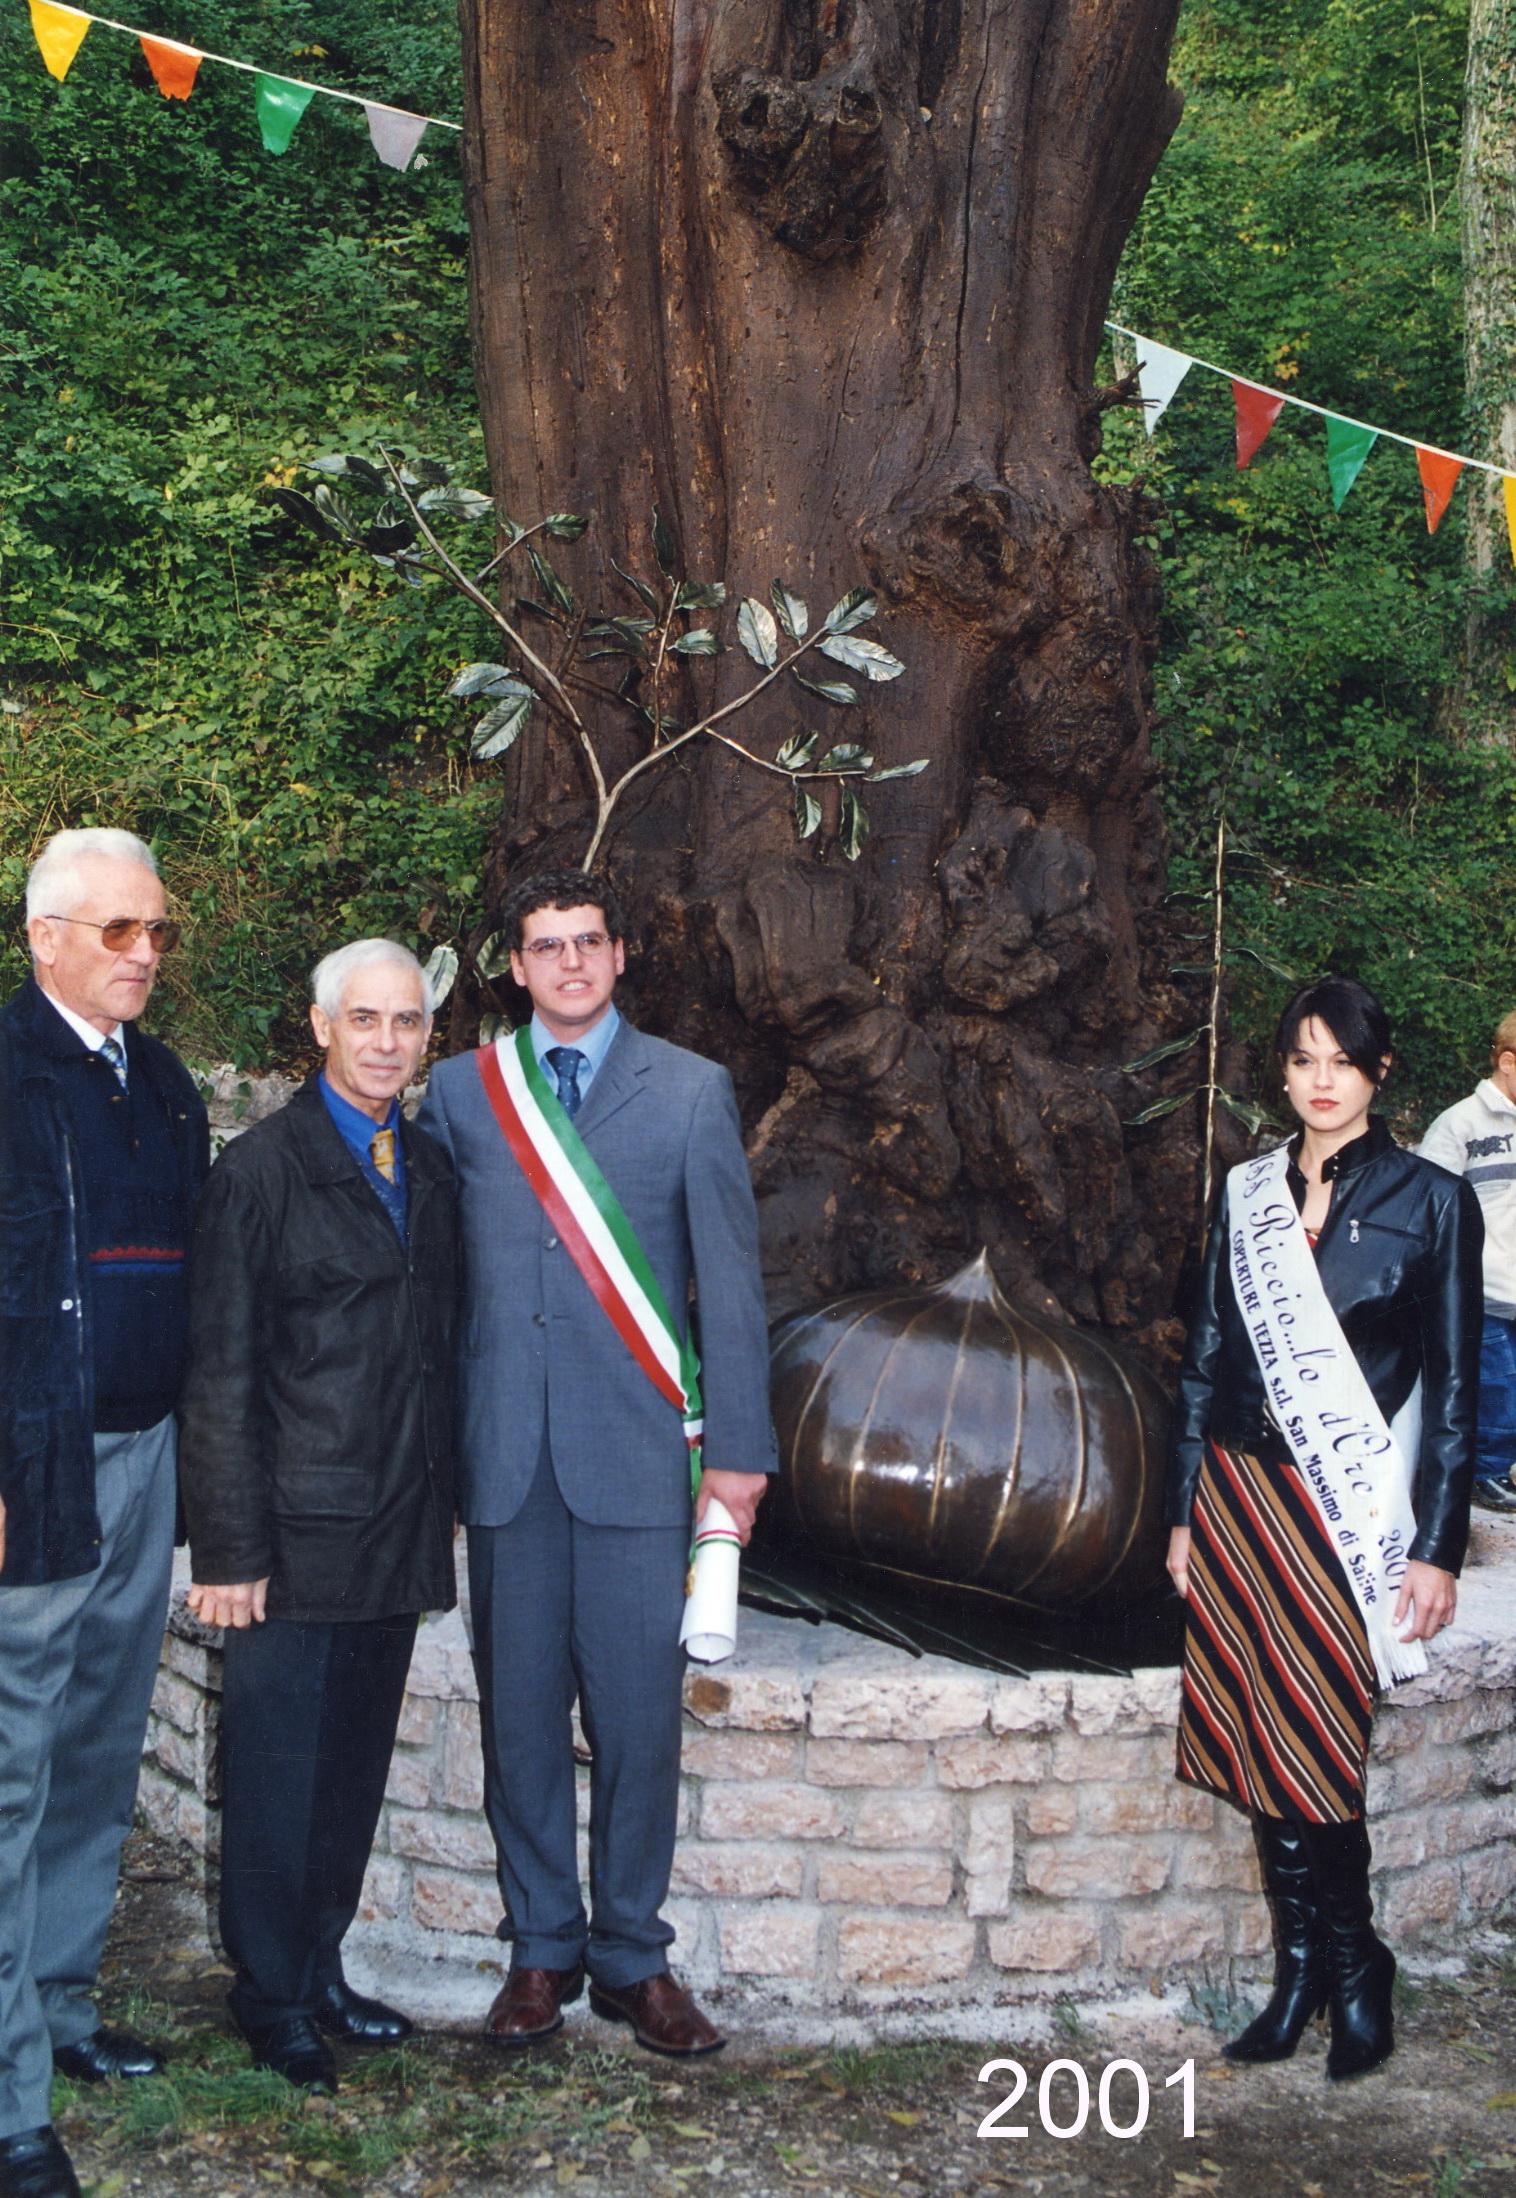 2001 - S. Mauro di Saline